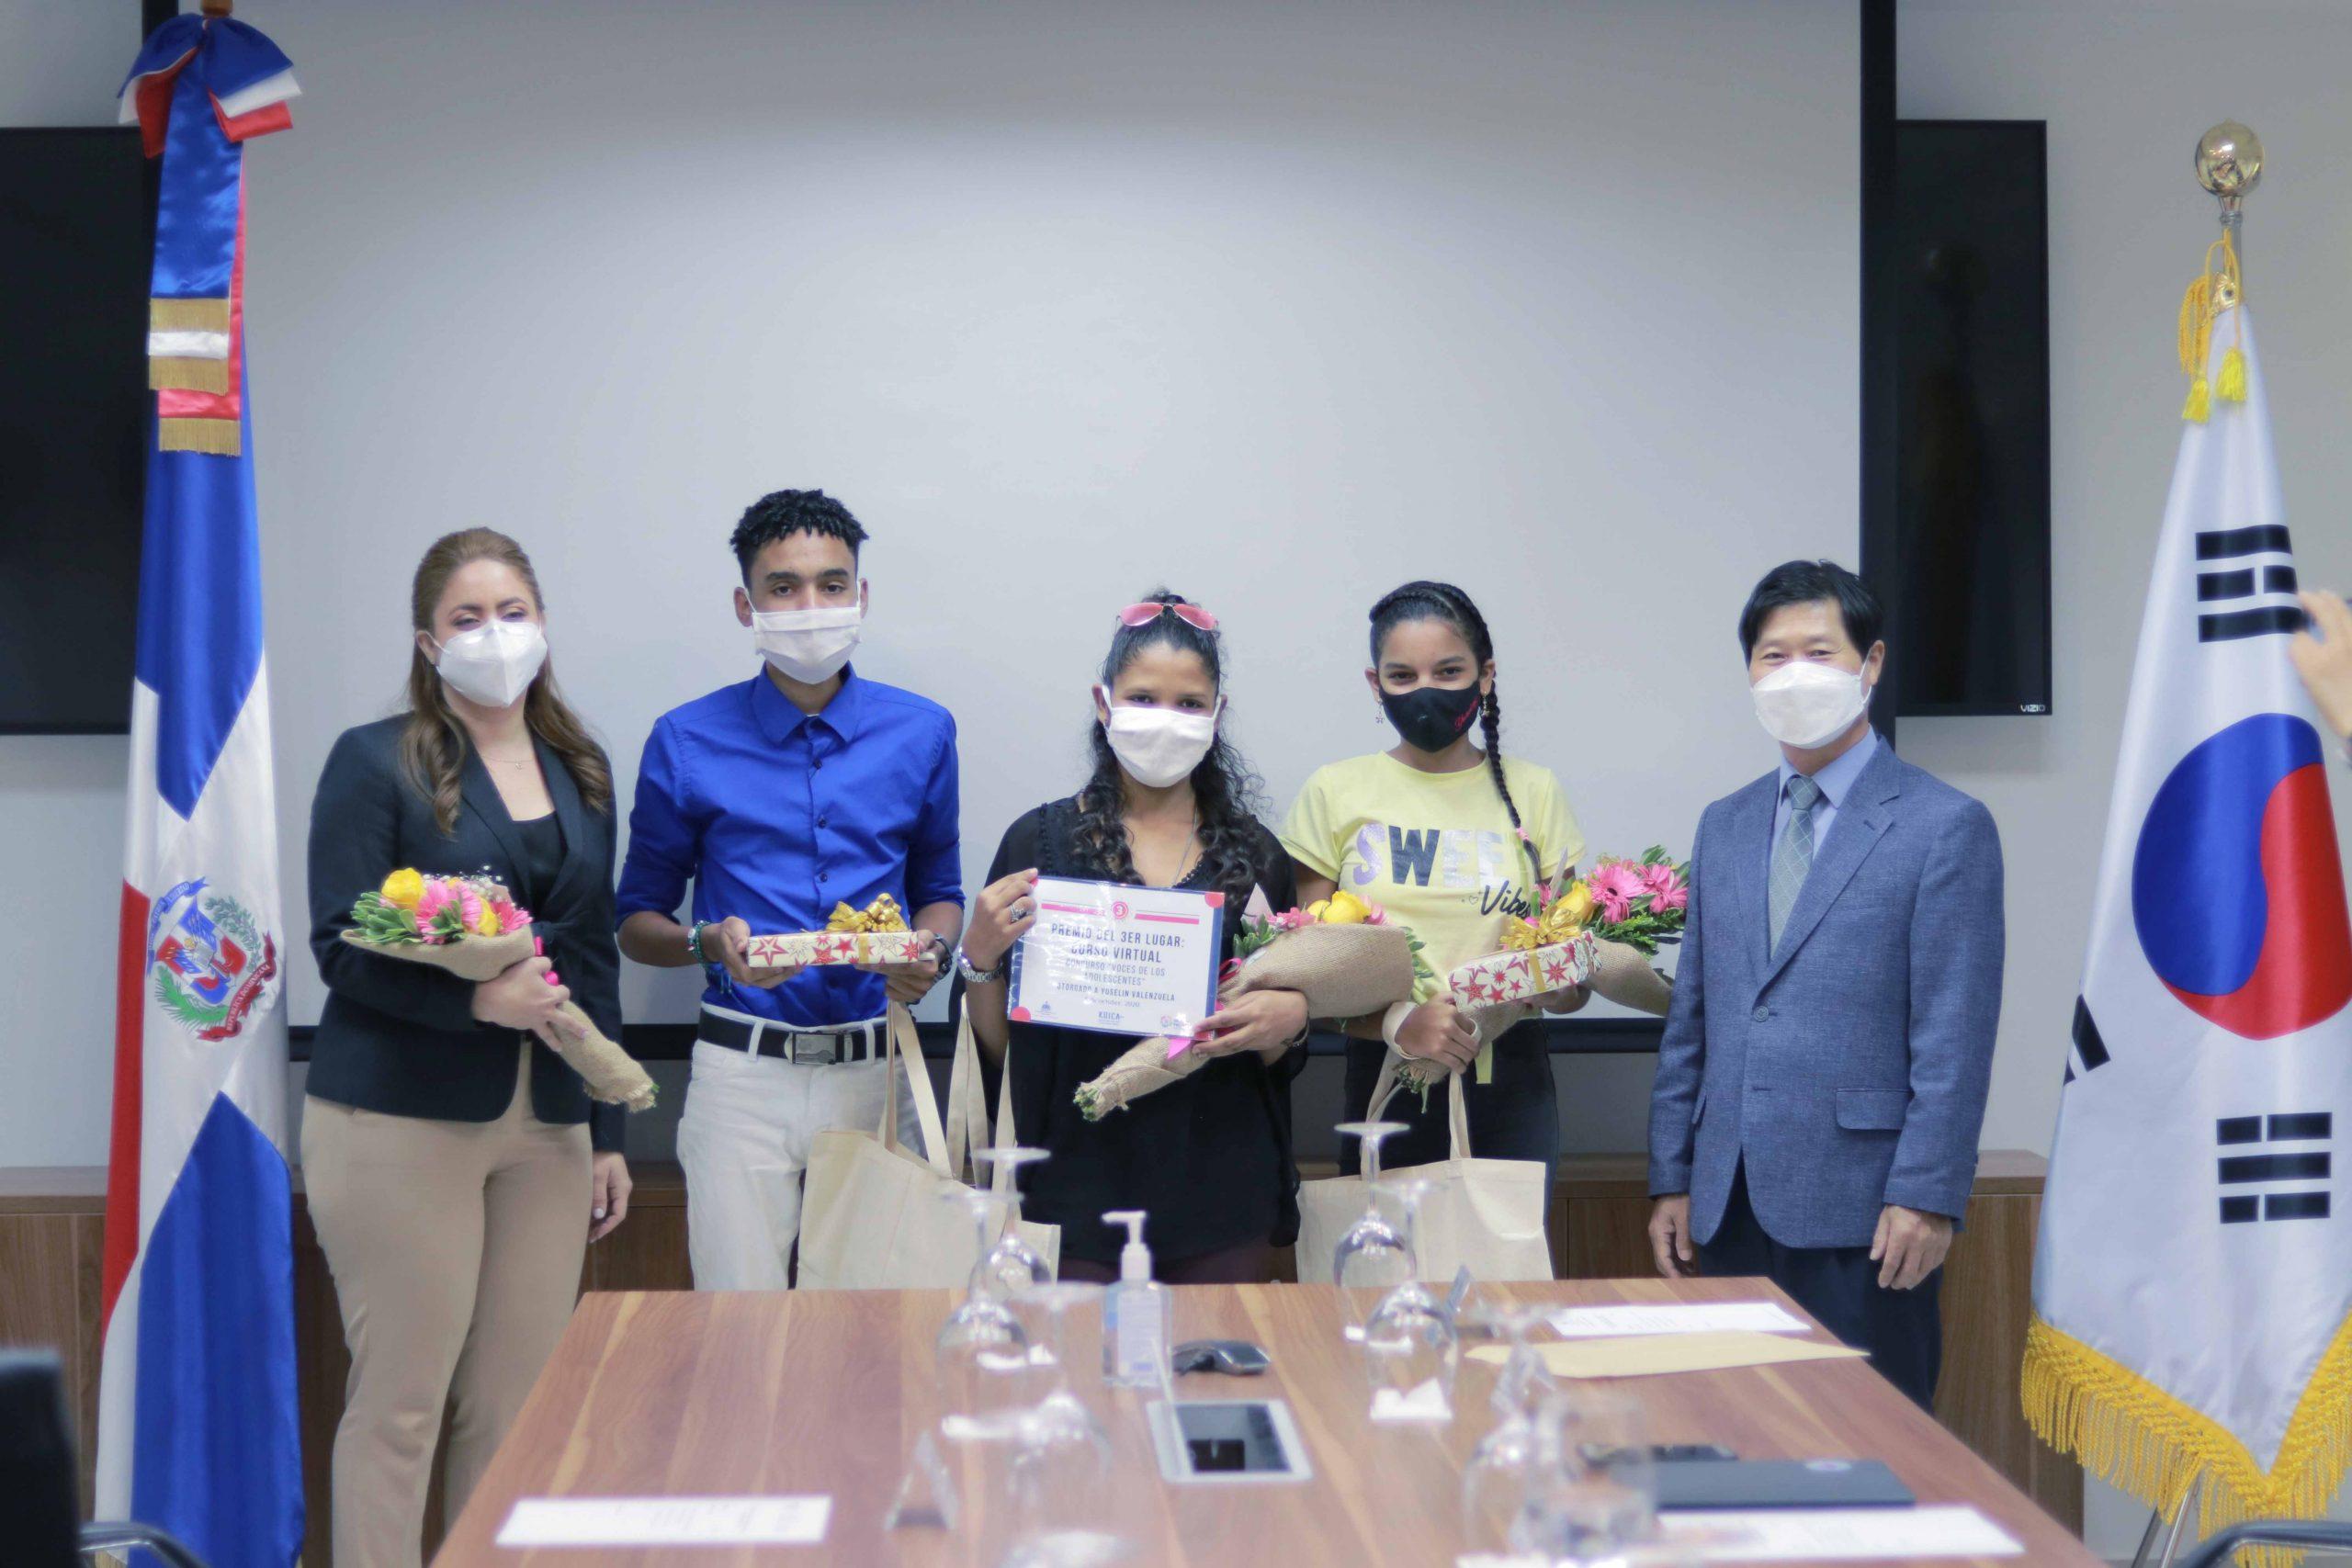 Gloria Reyes, directora de Prosoli, y Ki Jeong Song, director de Koika, entregaron los premios.